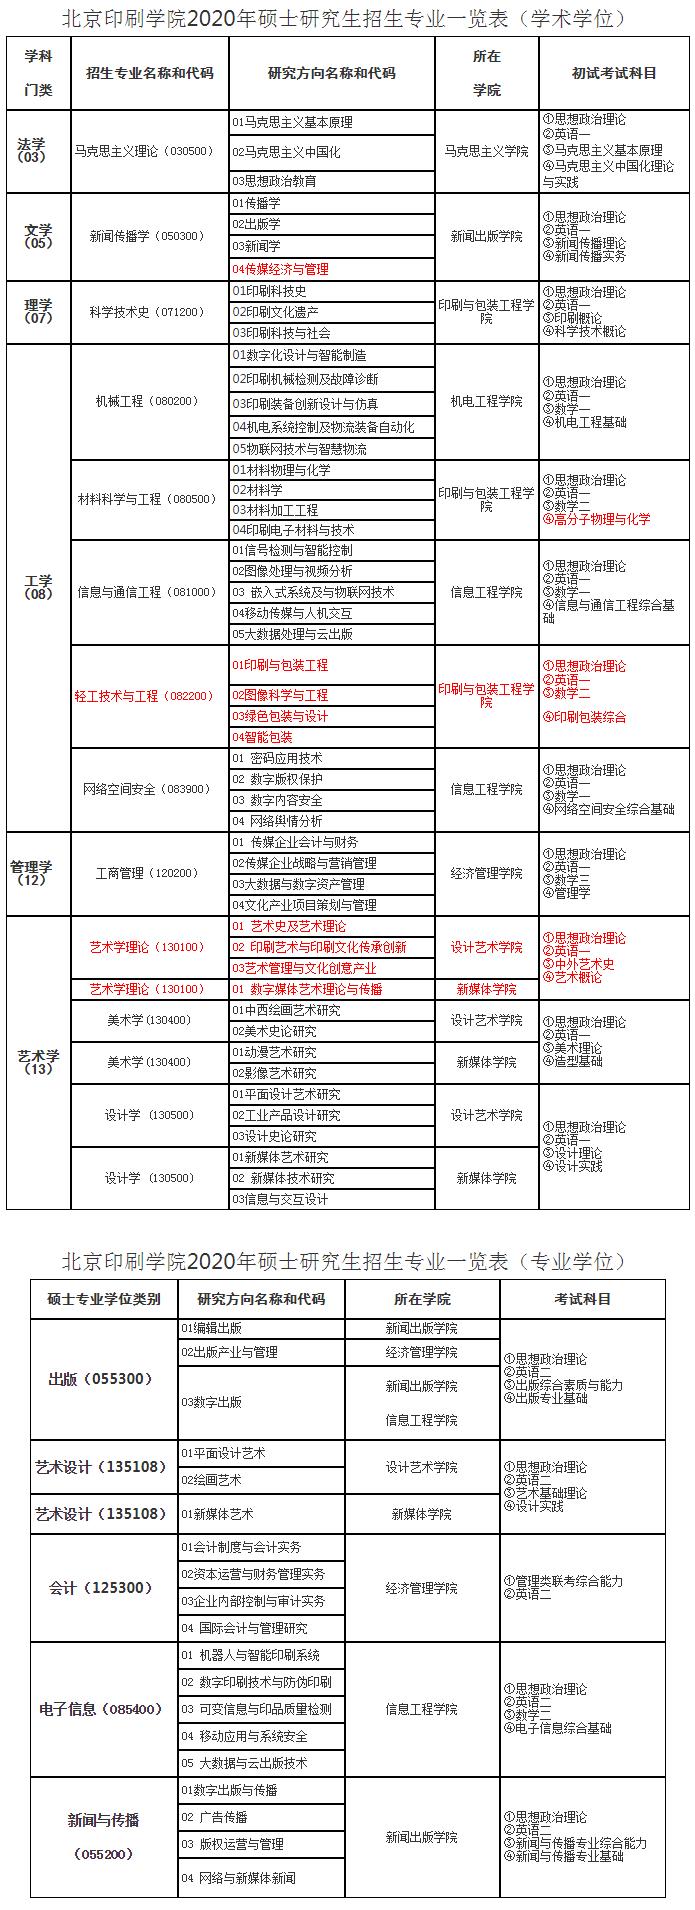 北京印刷学院2020研究生招生专业目录